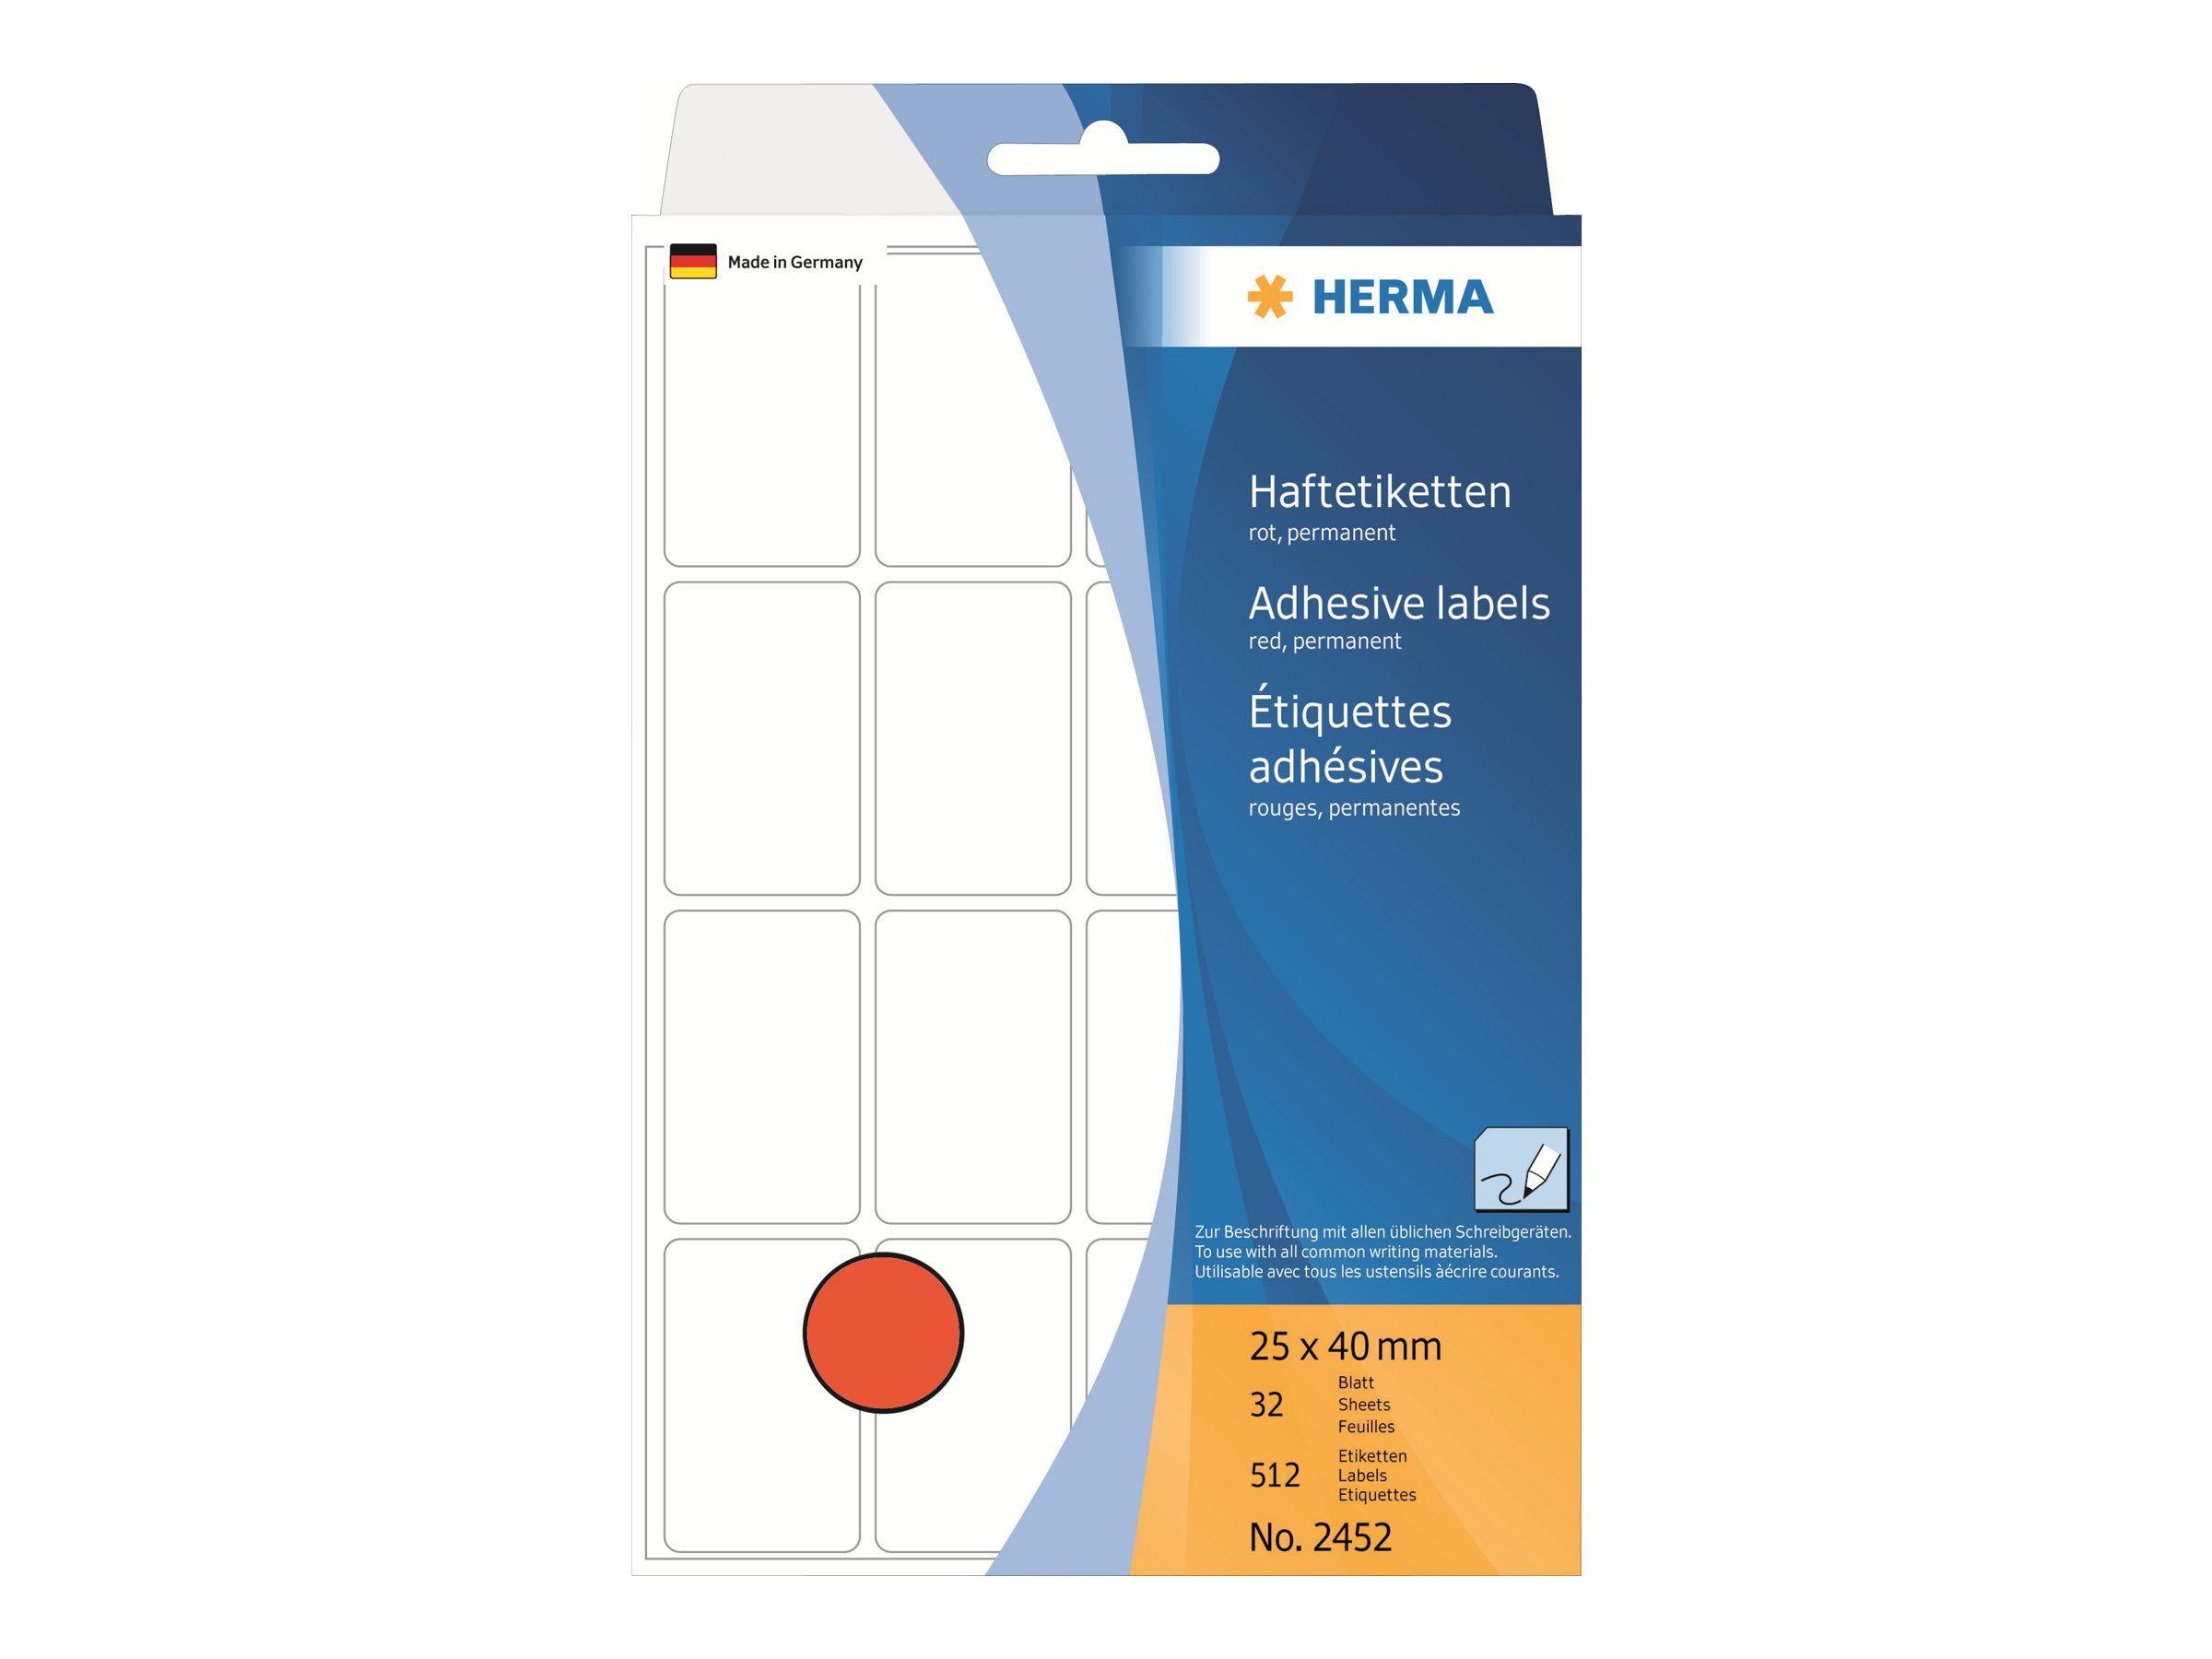 HERMA Permanenter Klebstoff